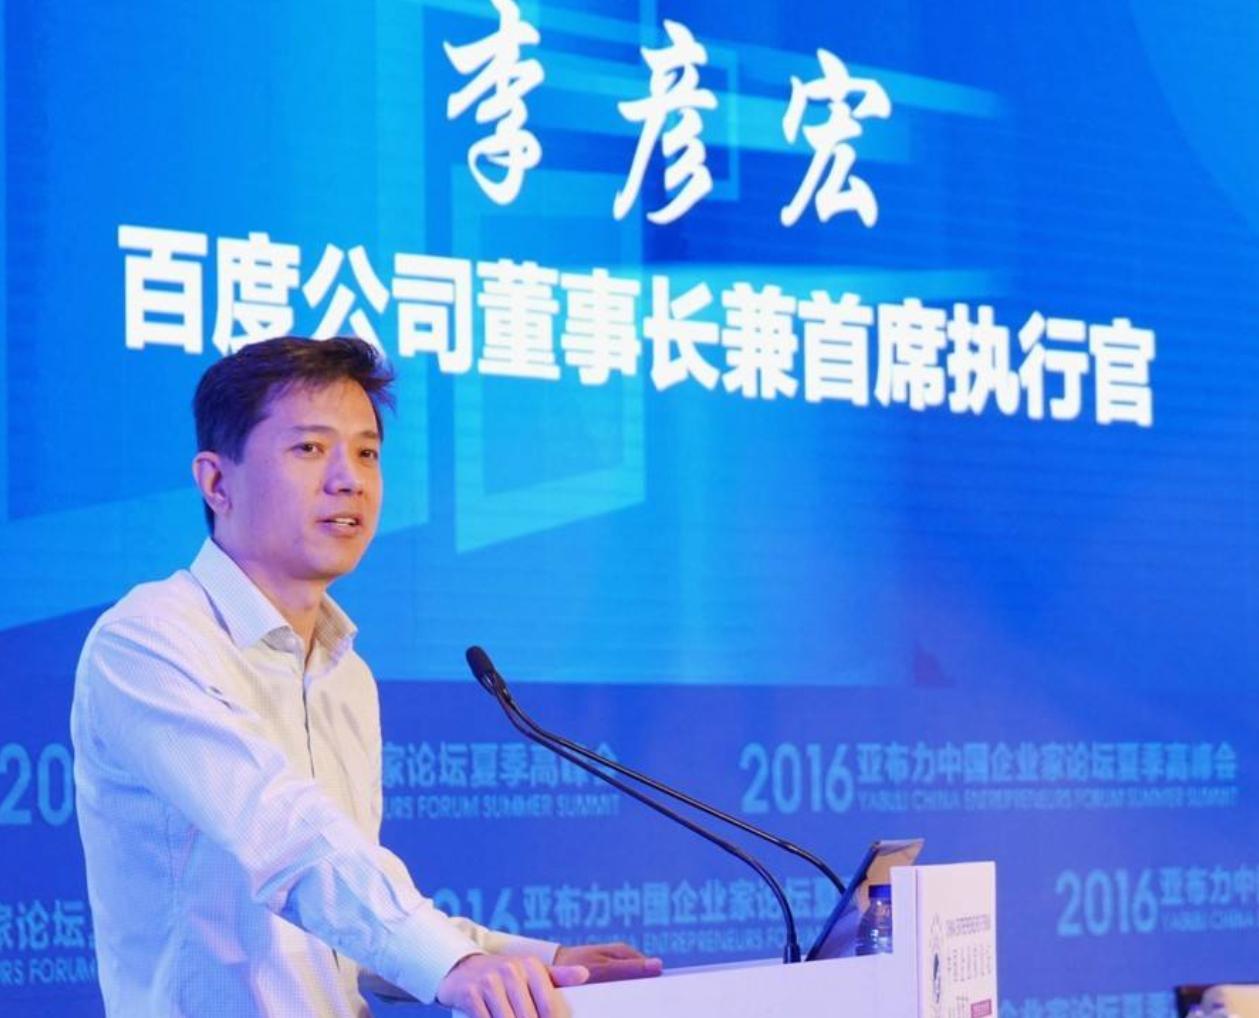 李彦宏:期待YY Live加入百度为直播产业带来全新可能性